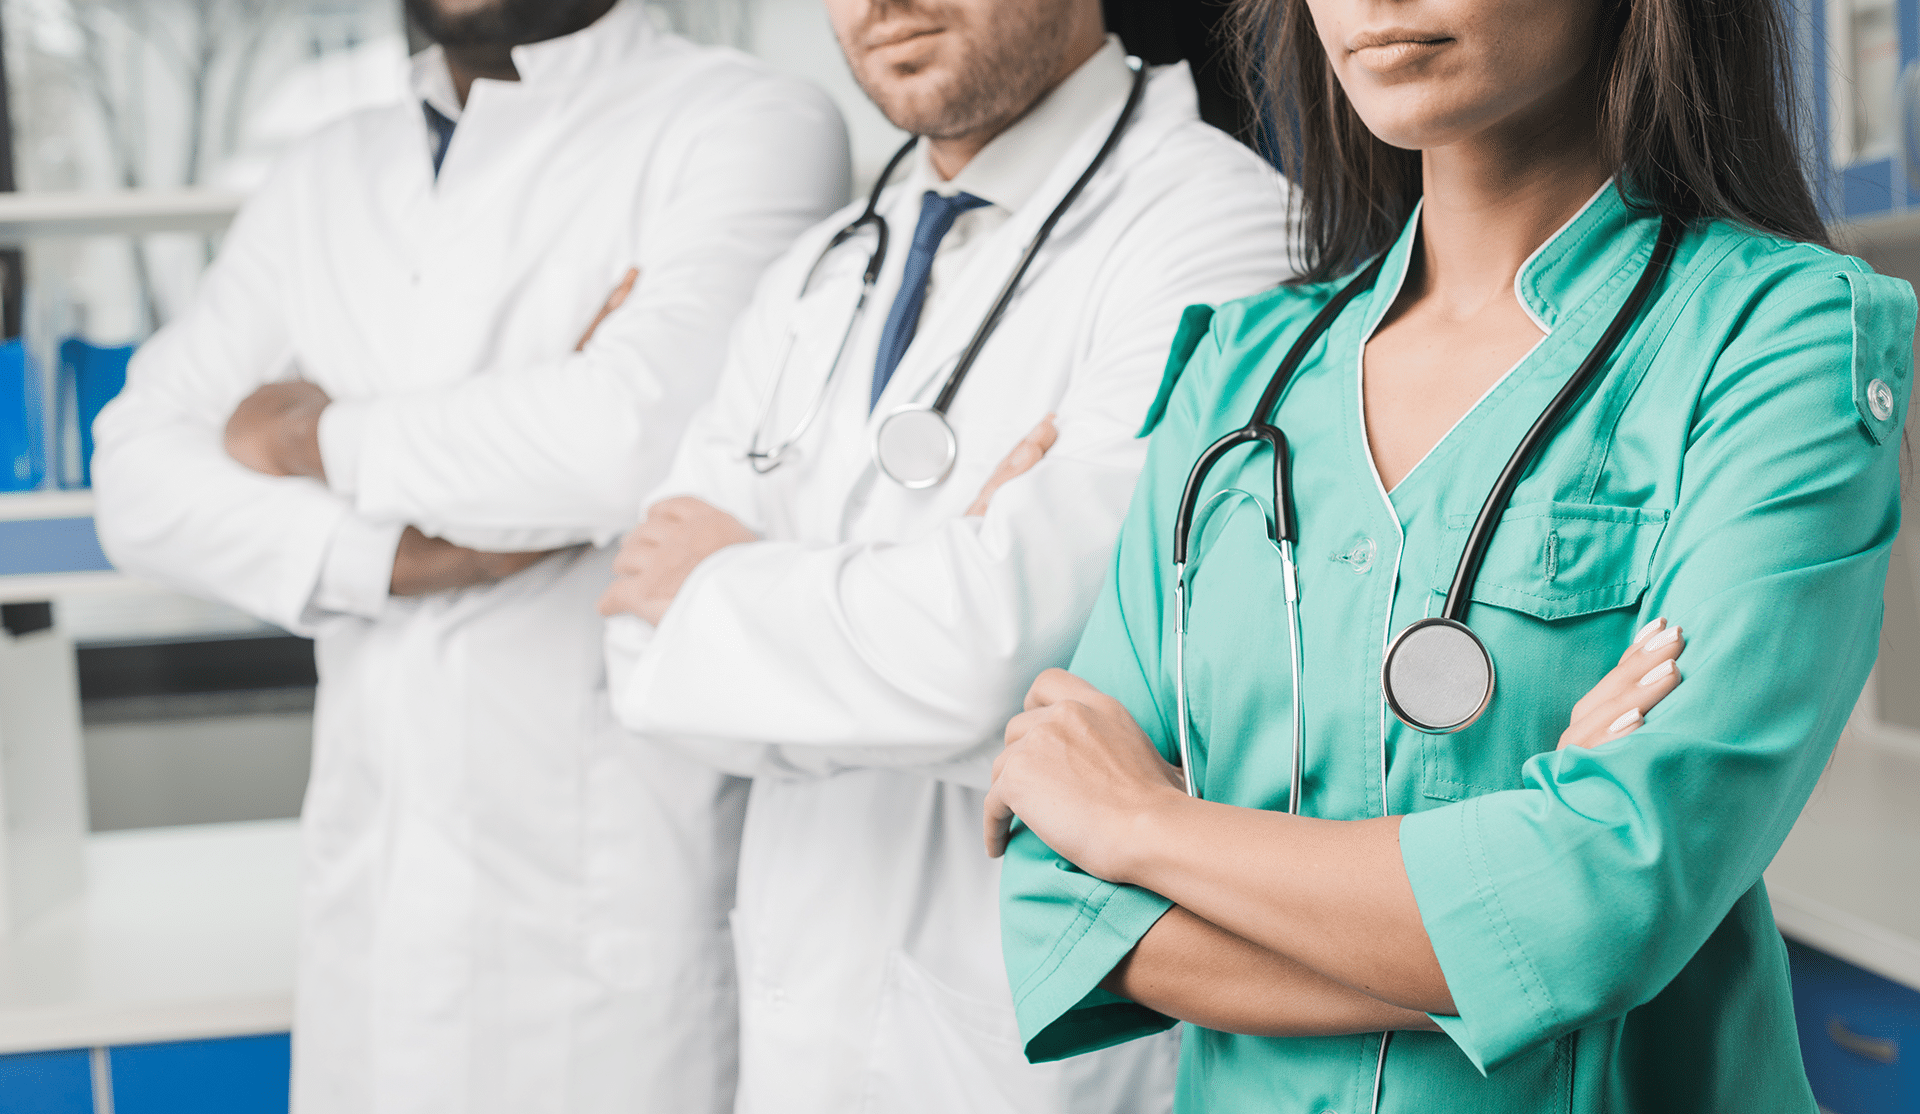 plantilla médicos mujer hombre bata